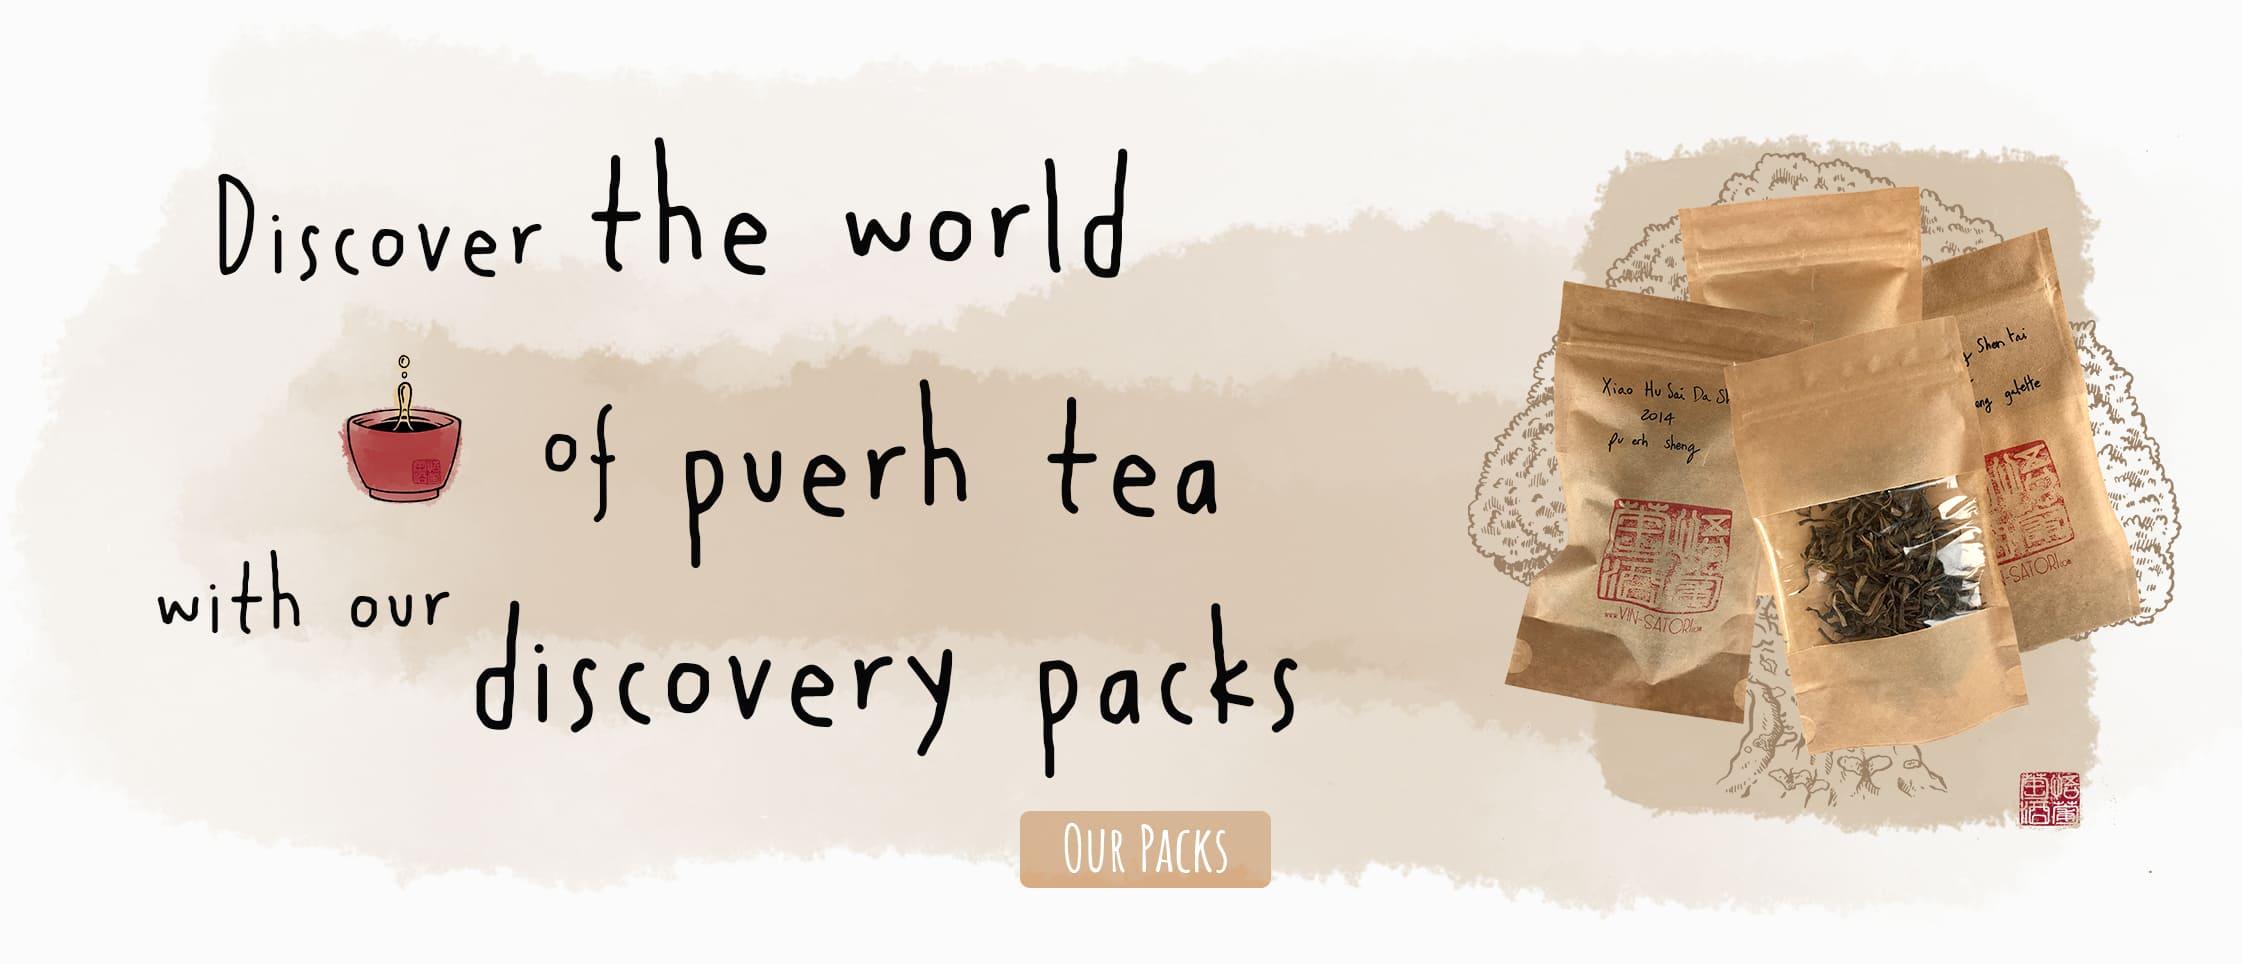 discovery pu erh tea pack